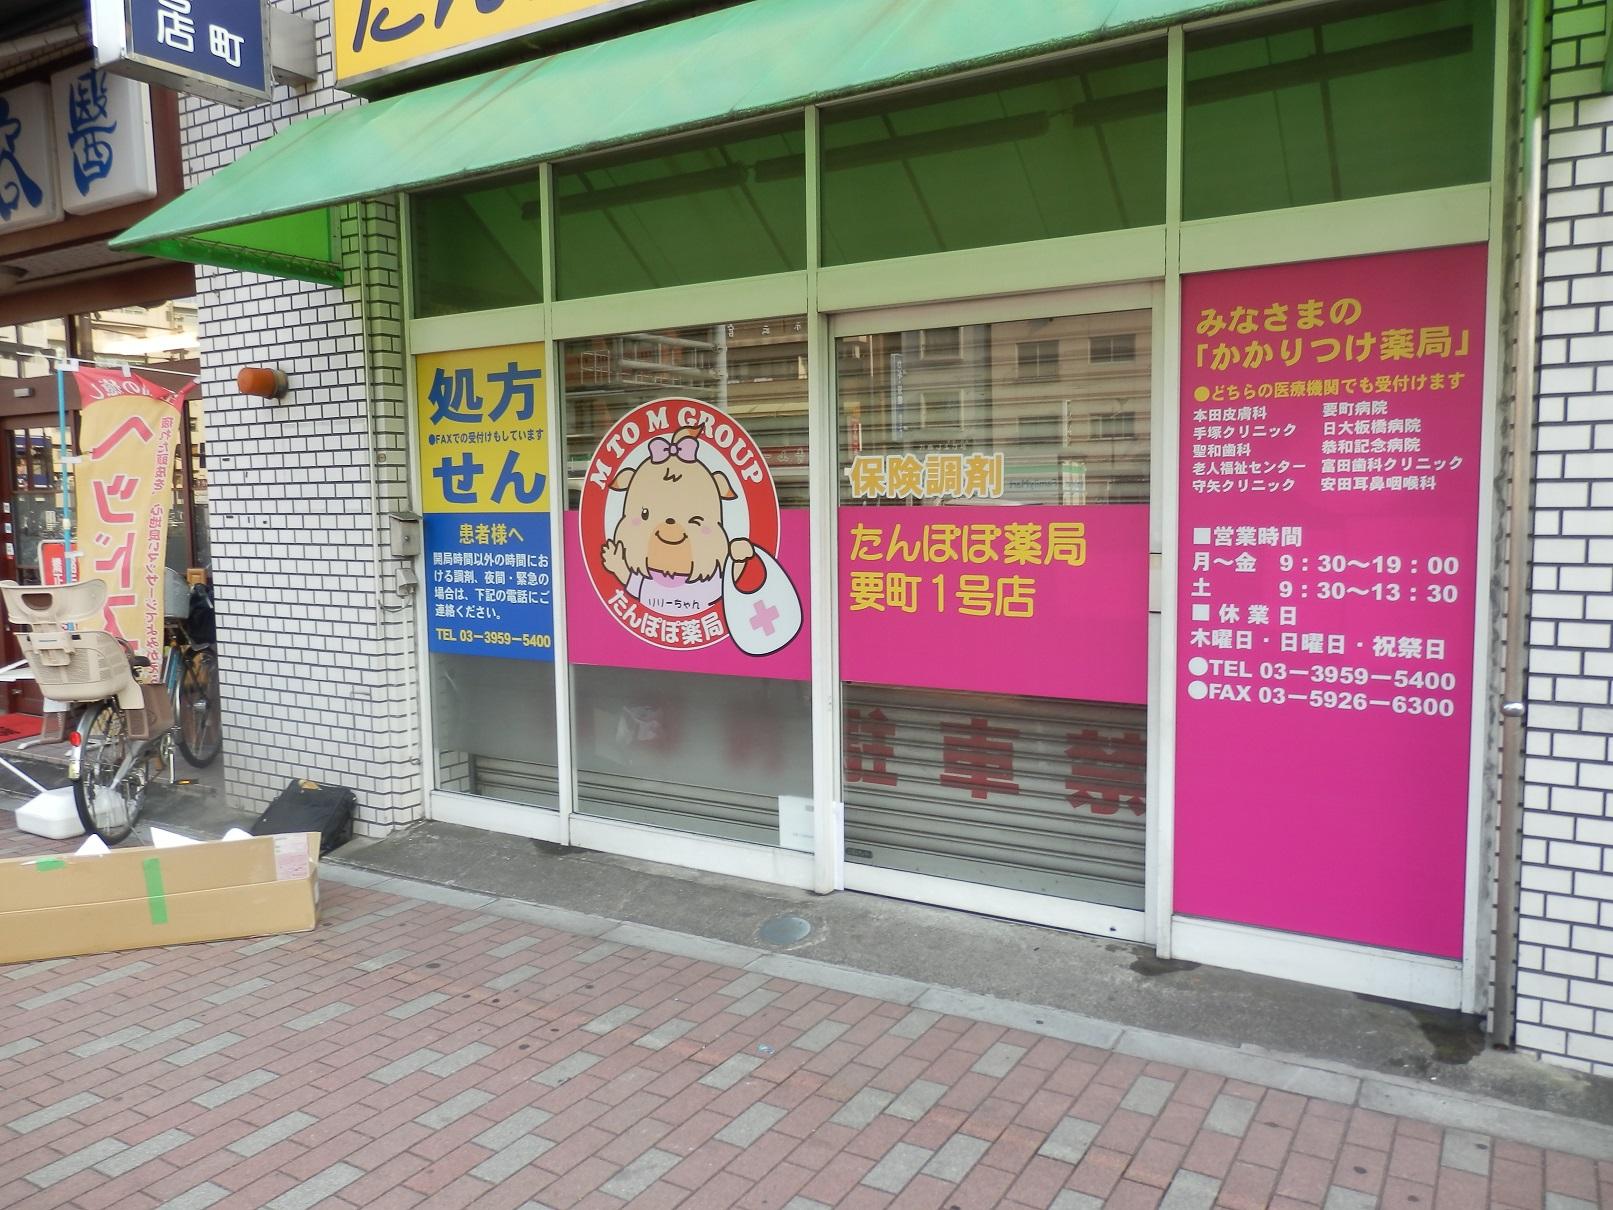 たんぽぽ薬局要町店さん カッティングシート貼り付け 豊島区